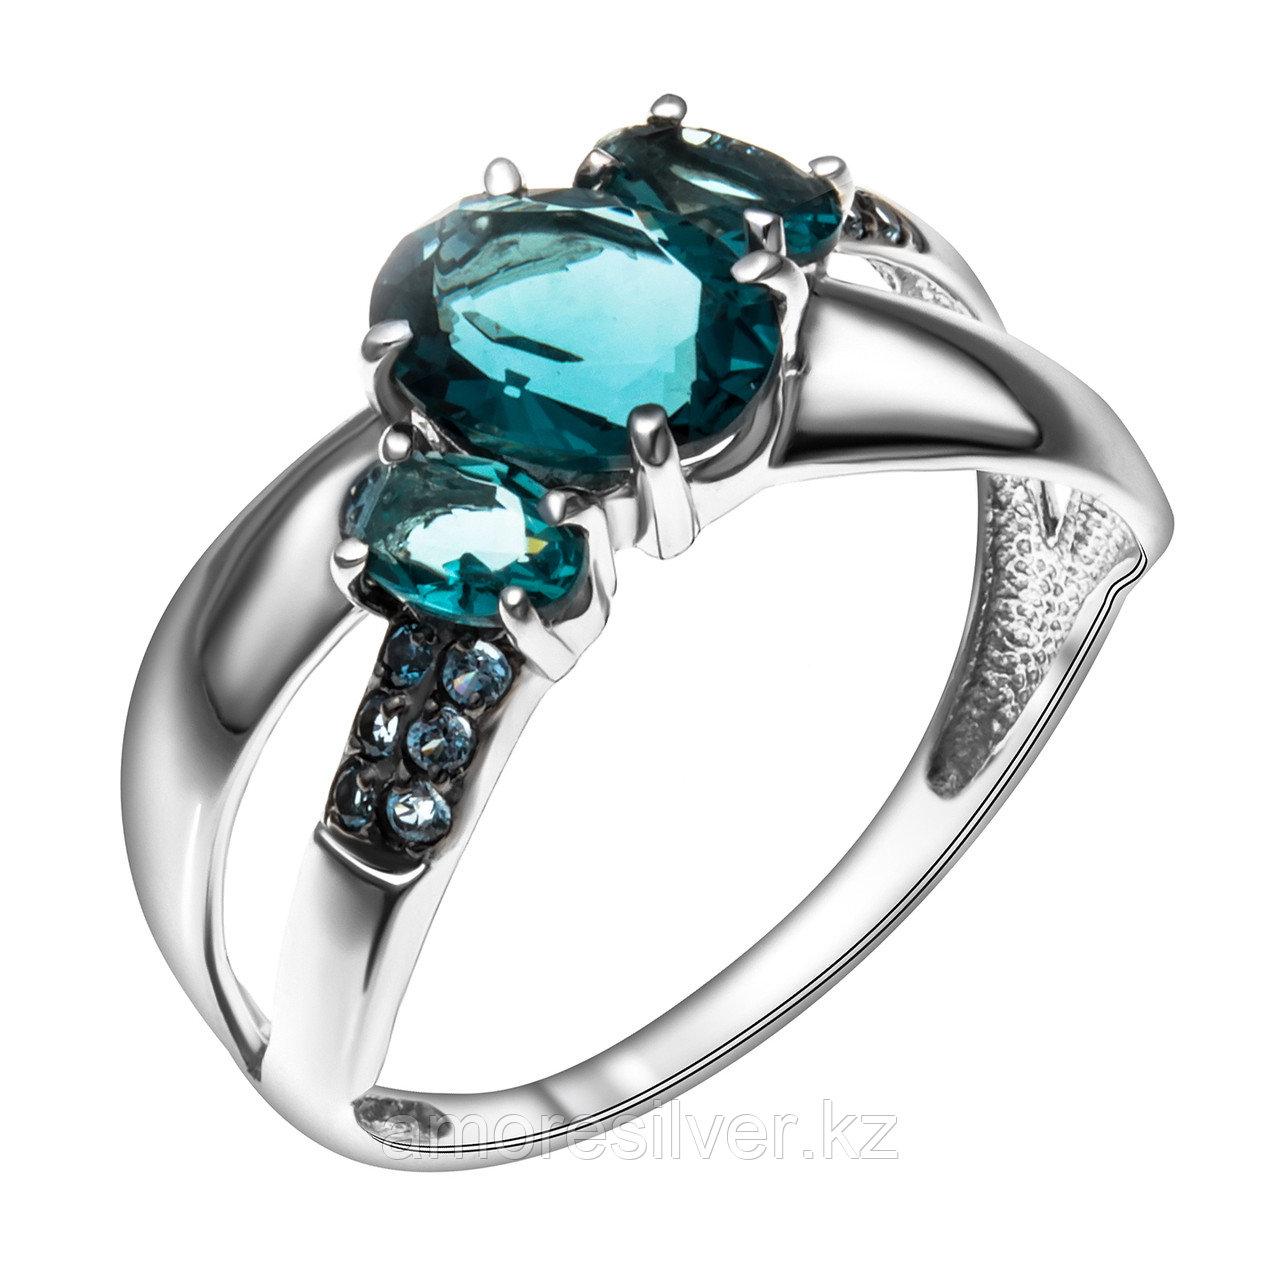 Кольцо Teosa серебро с родием, топаз лондон фианит, многокаменка 1000-0071-TL размеры - 18